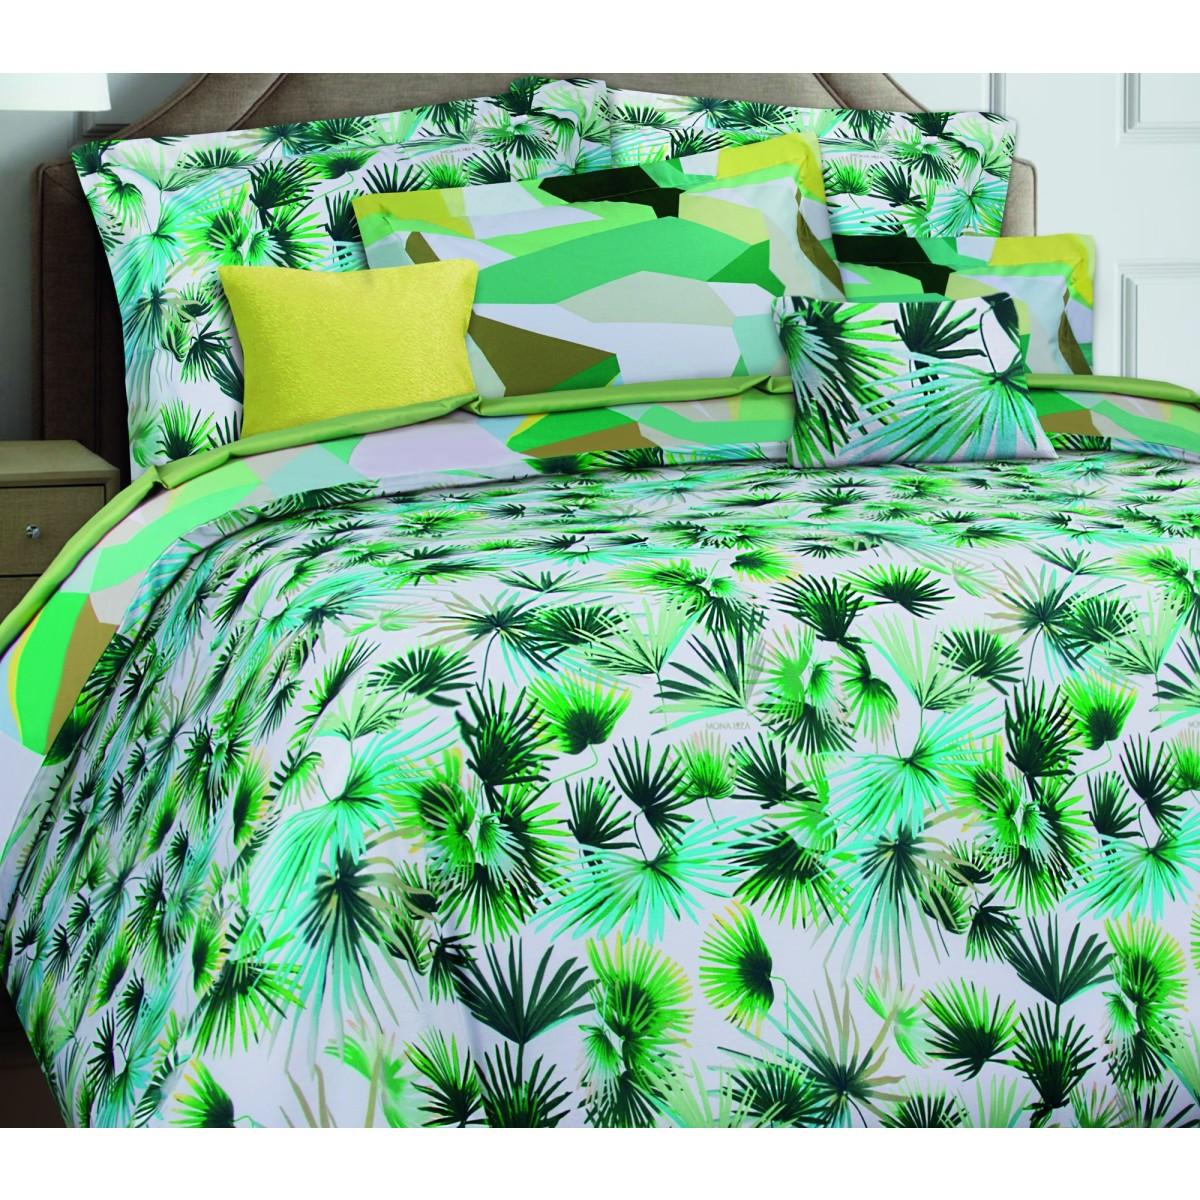 Комплект Постельного Белья Palm Полутораспальный Сатин 50x70